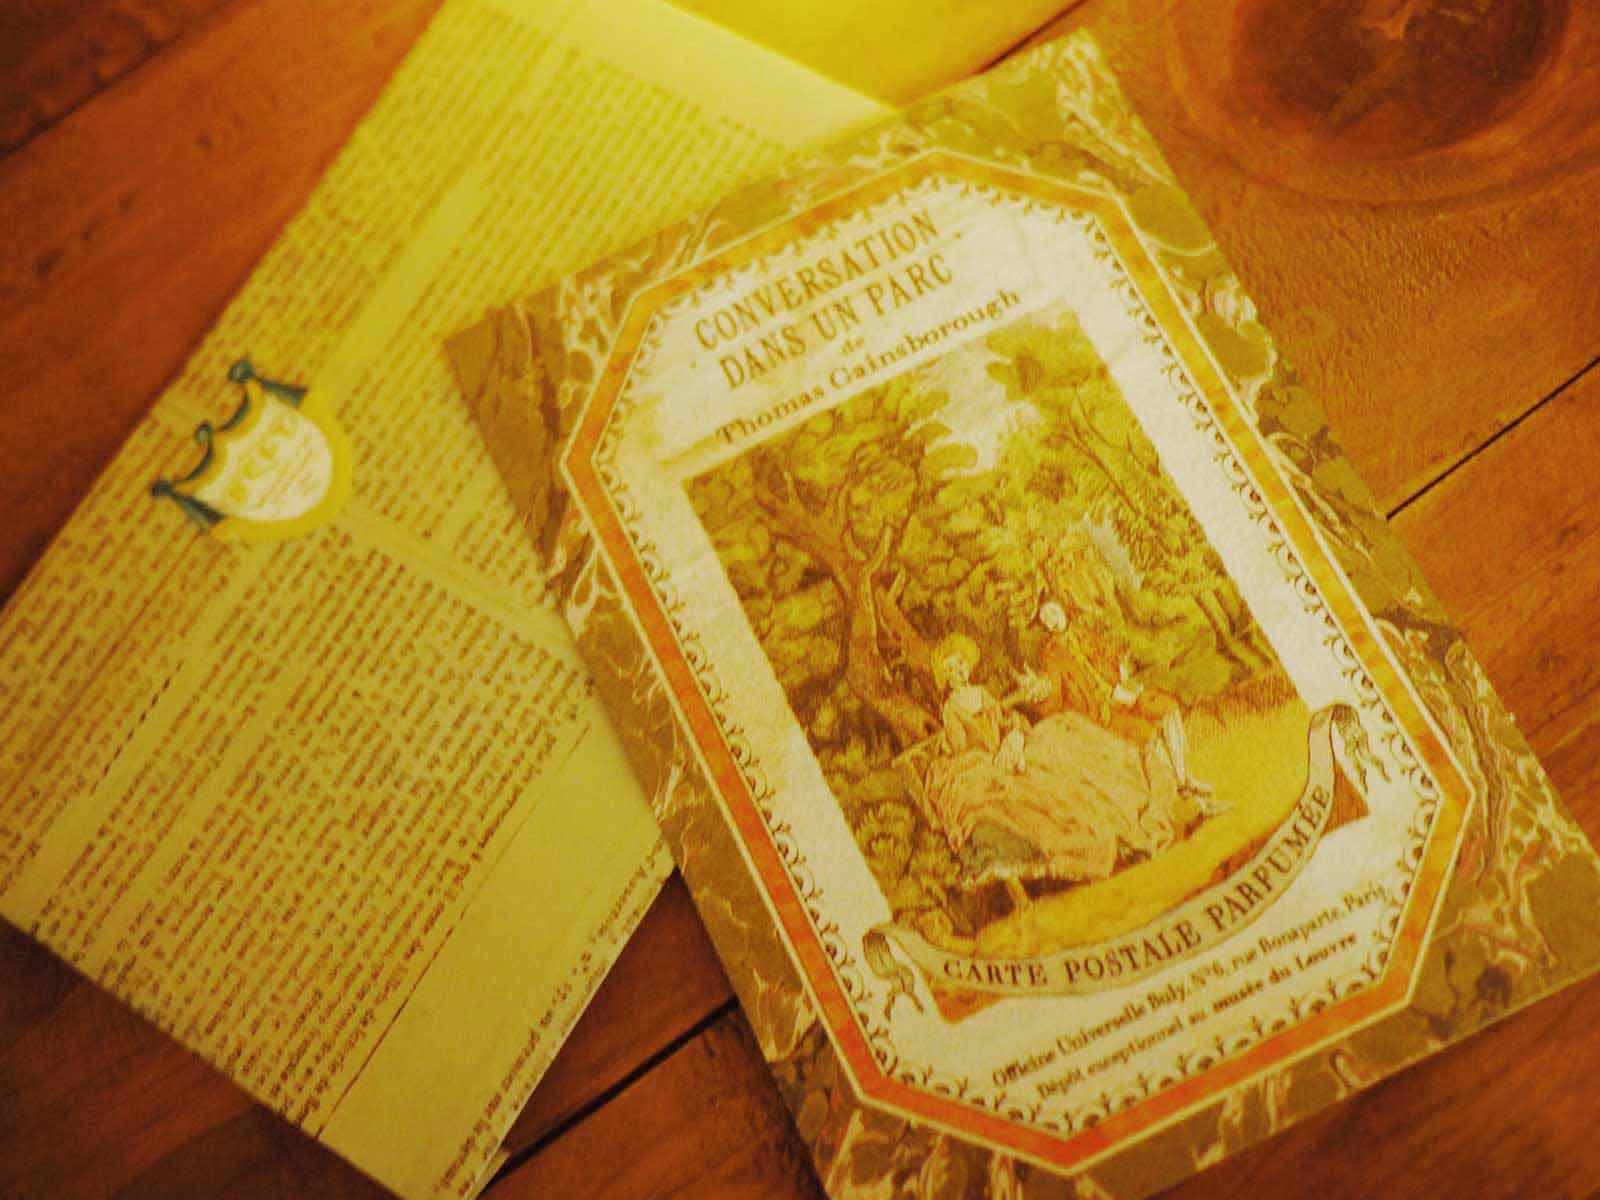 『庭園での語らい』の香り付きポストカード